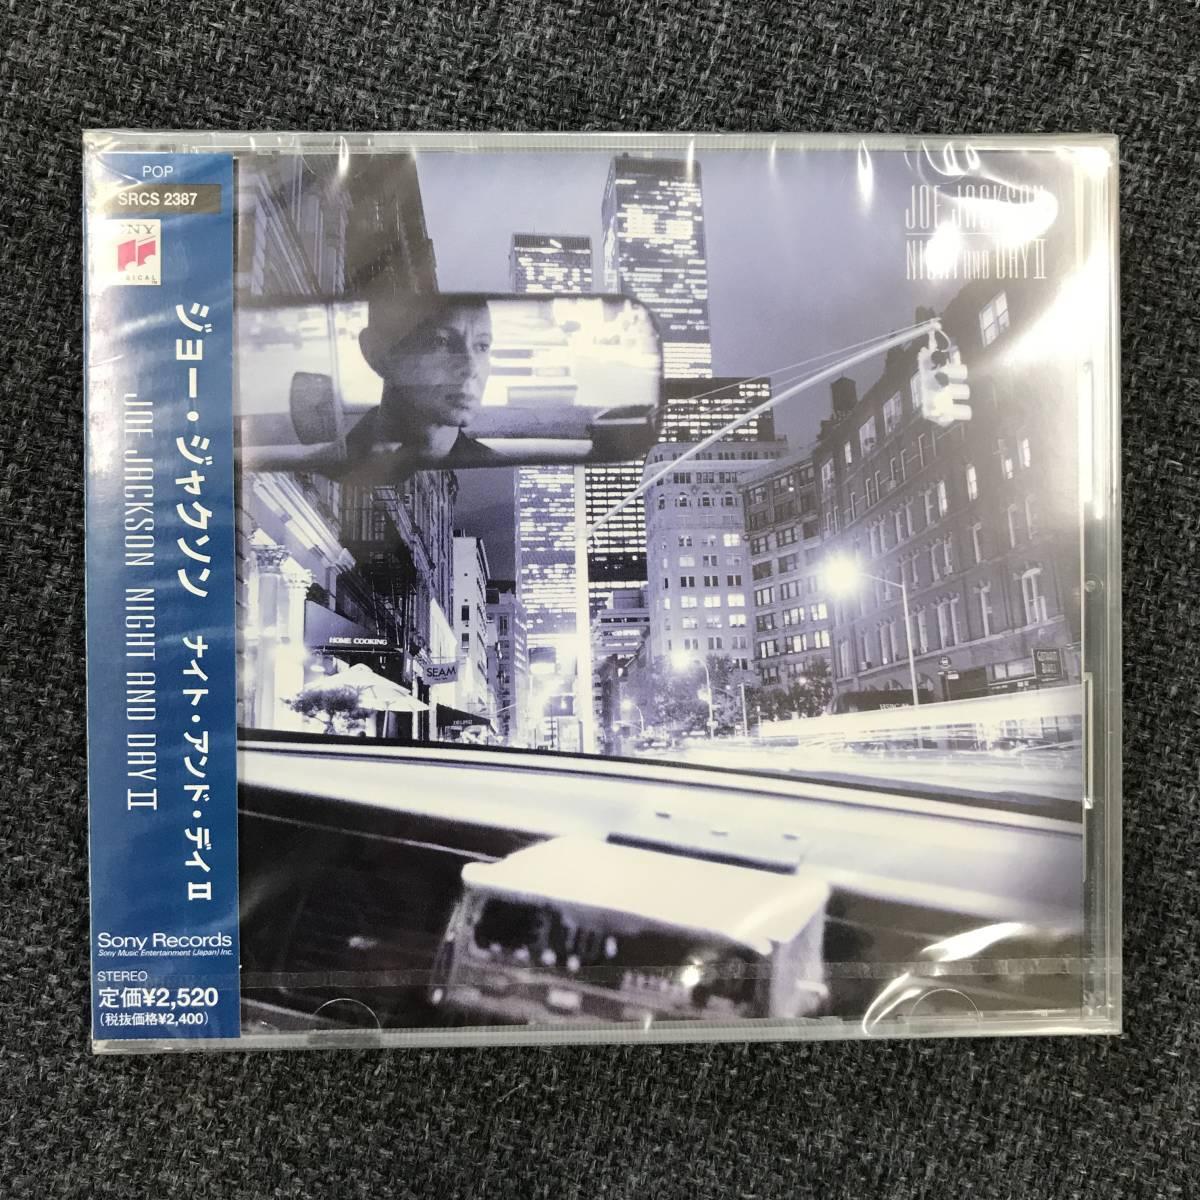 新品未開封CD☆ジョー・ジャクソン ナイト・アンド・デイII /<SRCS2387>/_画像1